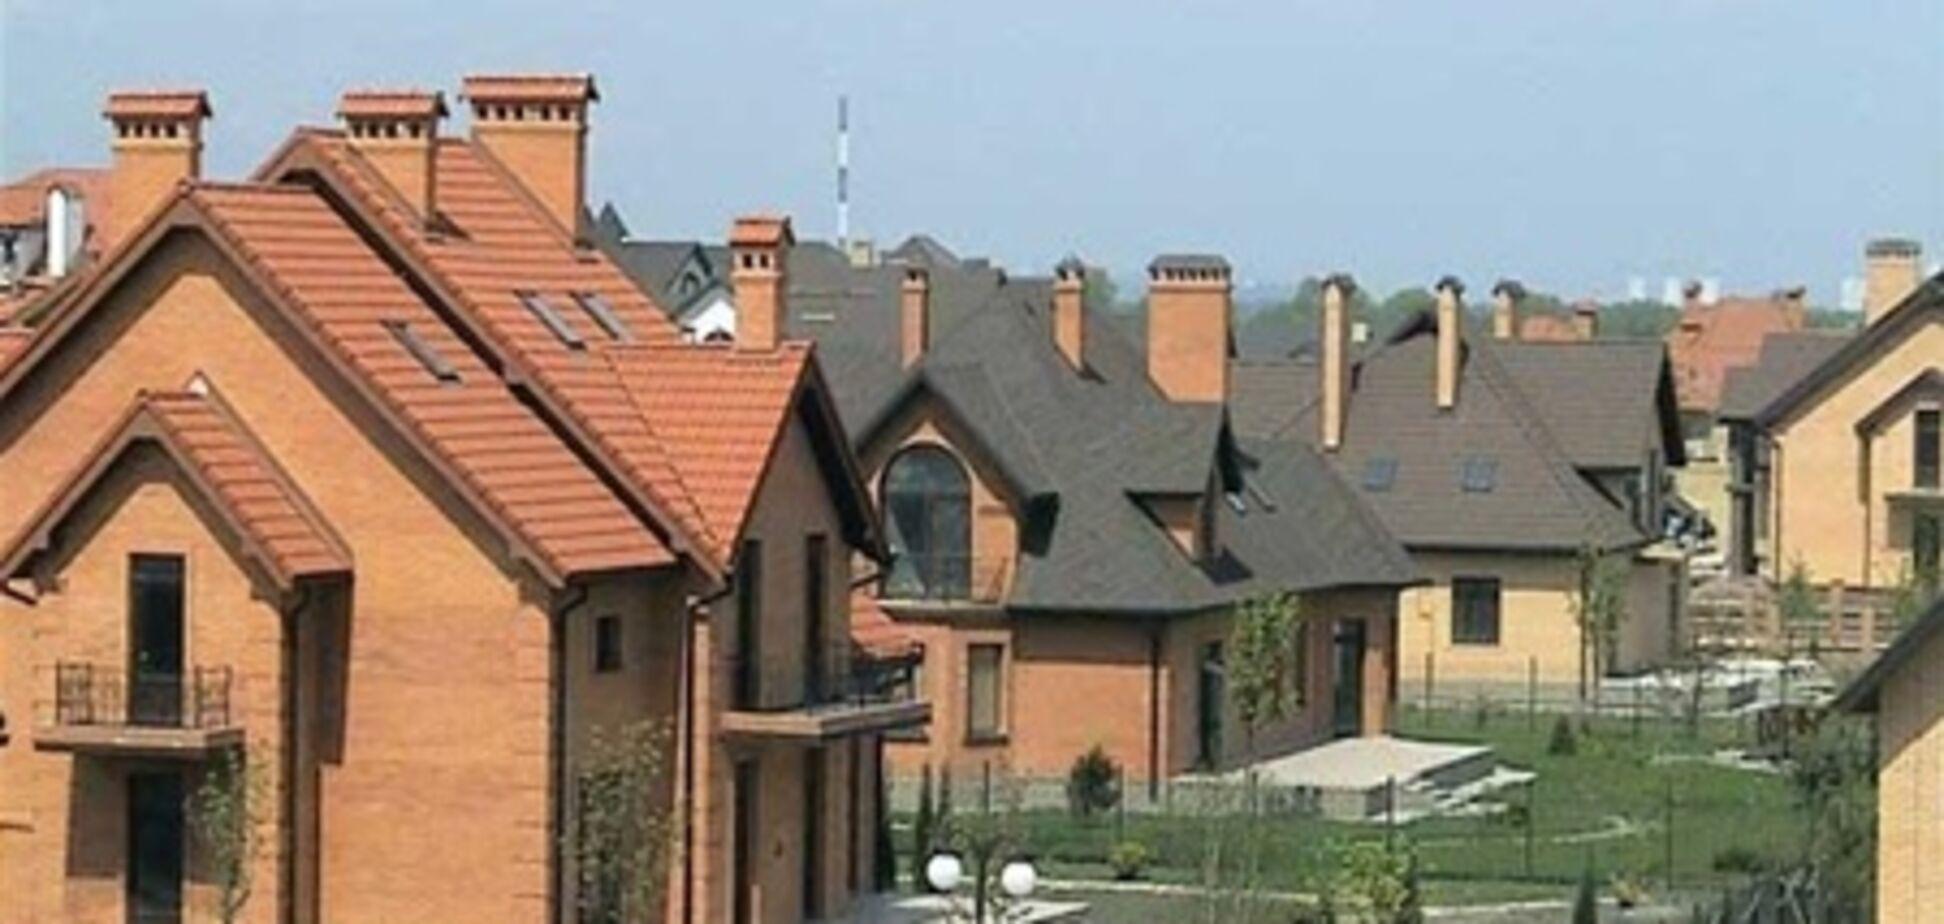 Загородная недвижимость: плюсы и минусы - мнение эксперта